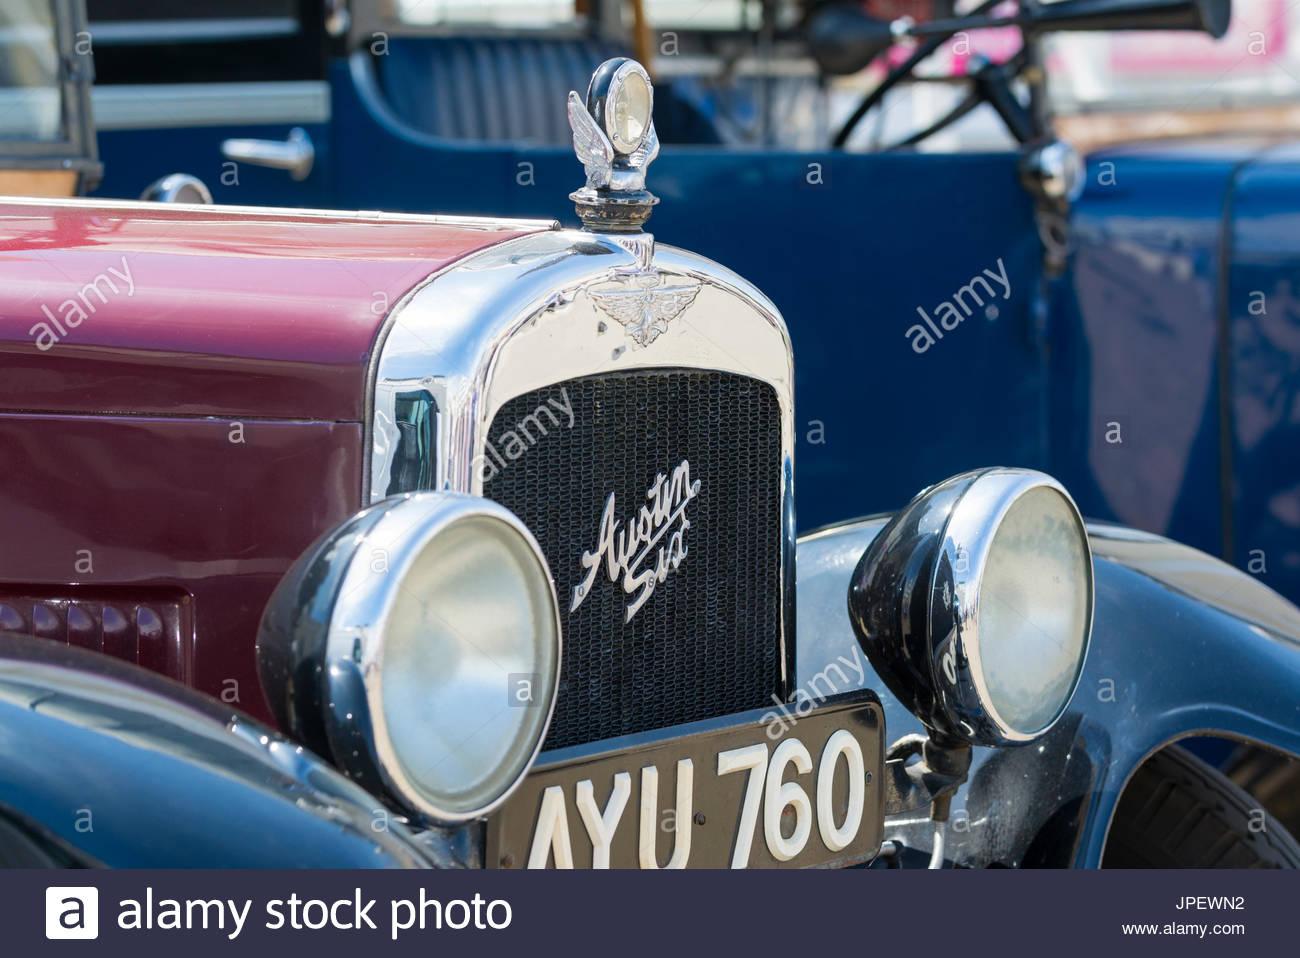 Vorderseite eines Jahrgangs Austin sechs London Taxi aus den 1930er Jahren. Oldtimer Austin 15/5. Stockbild